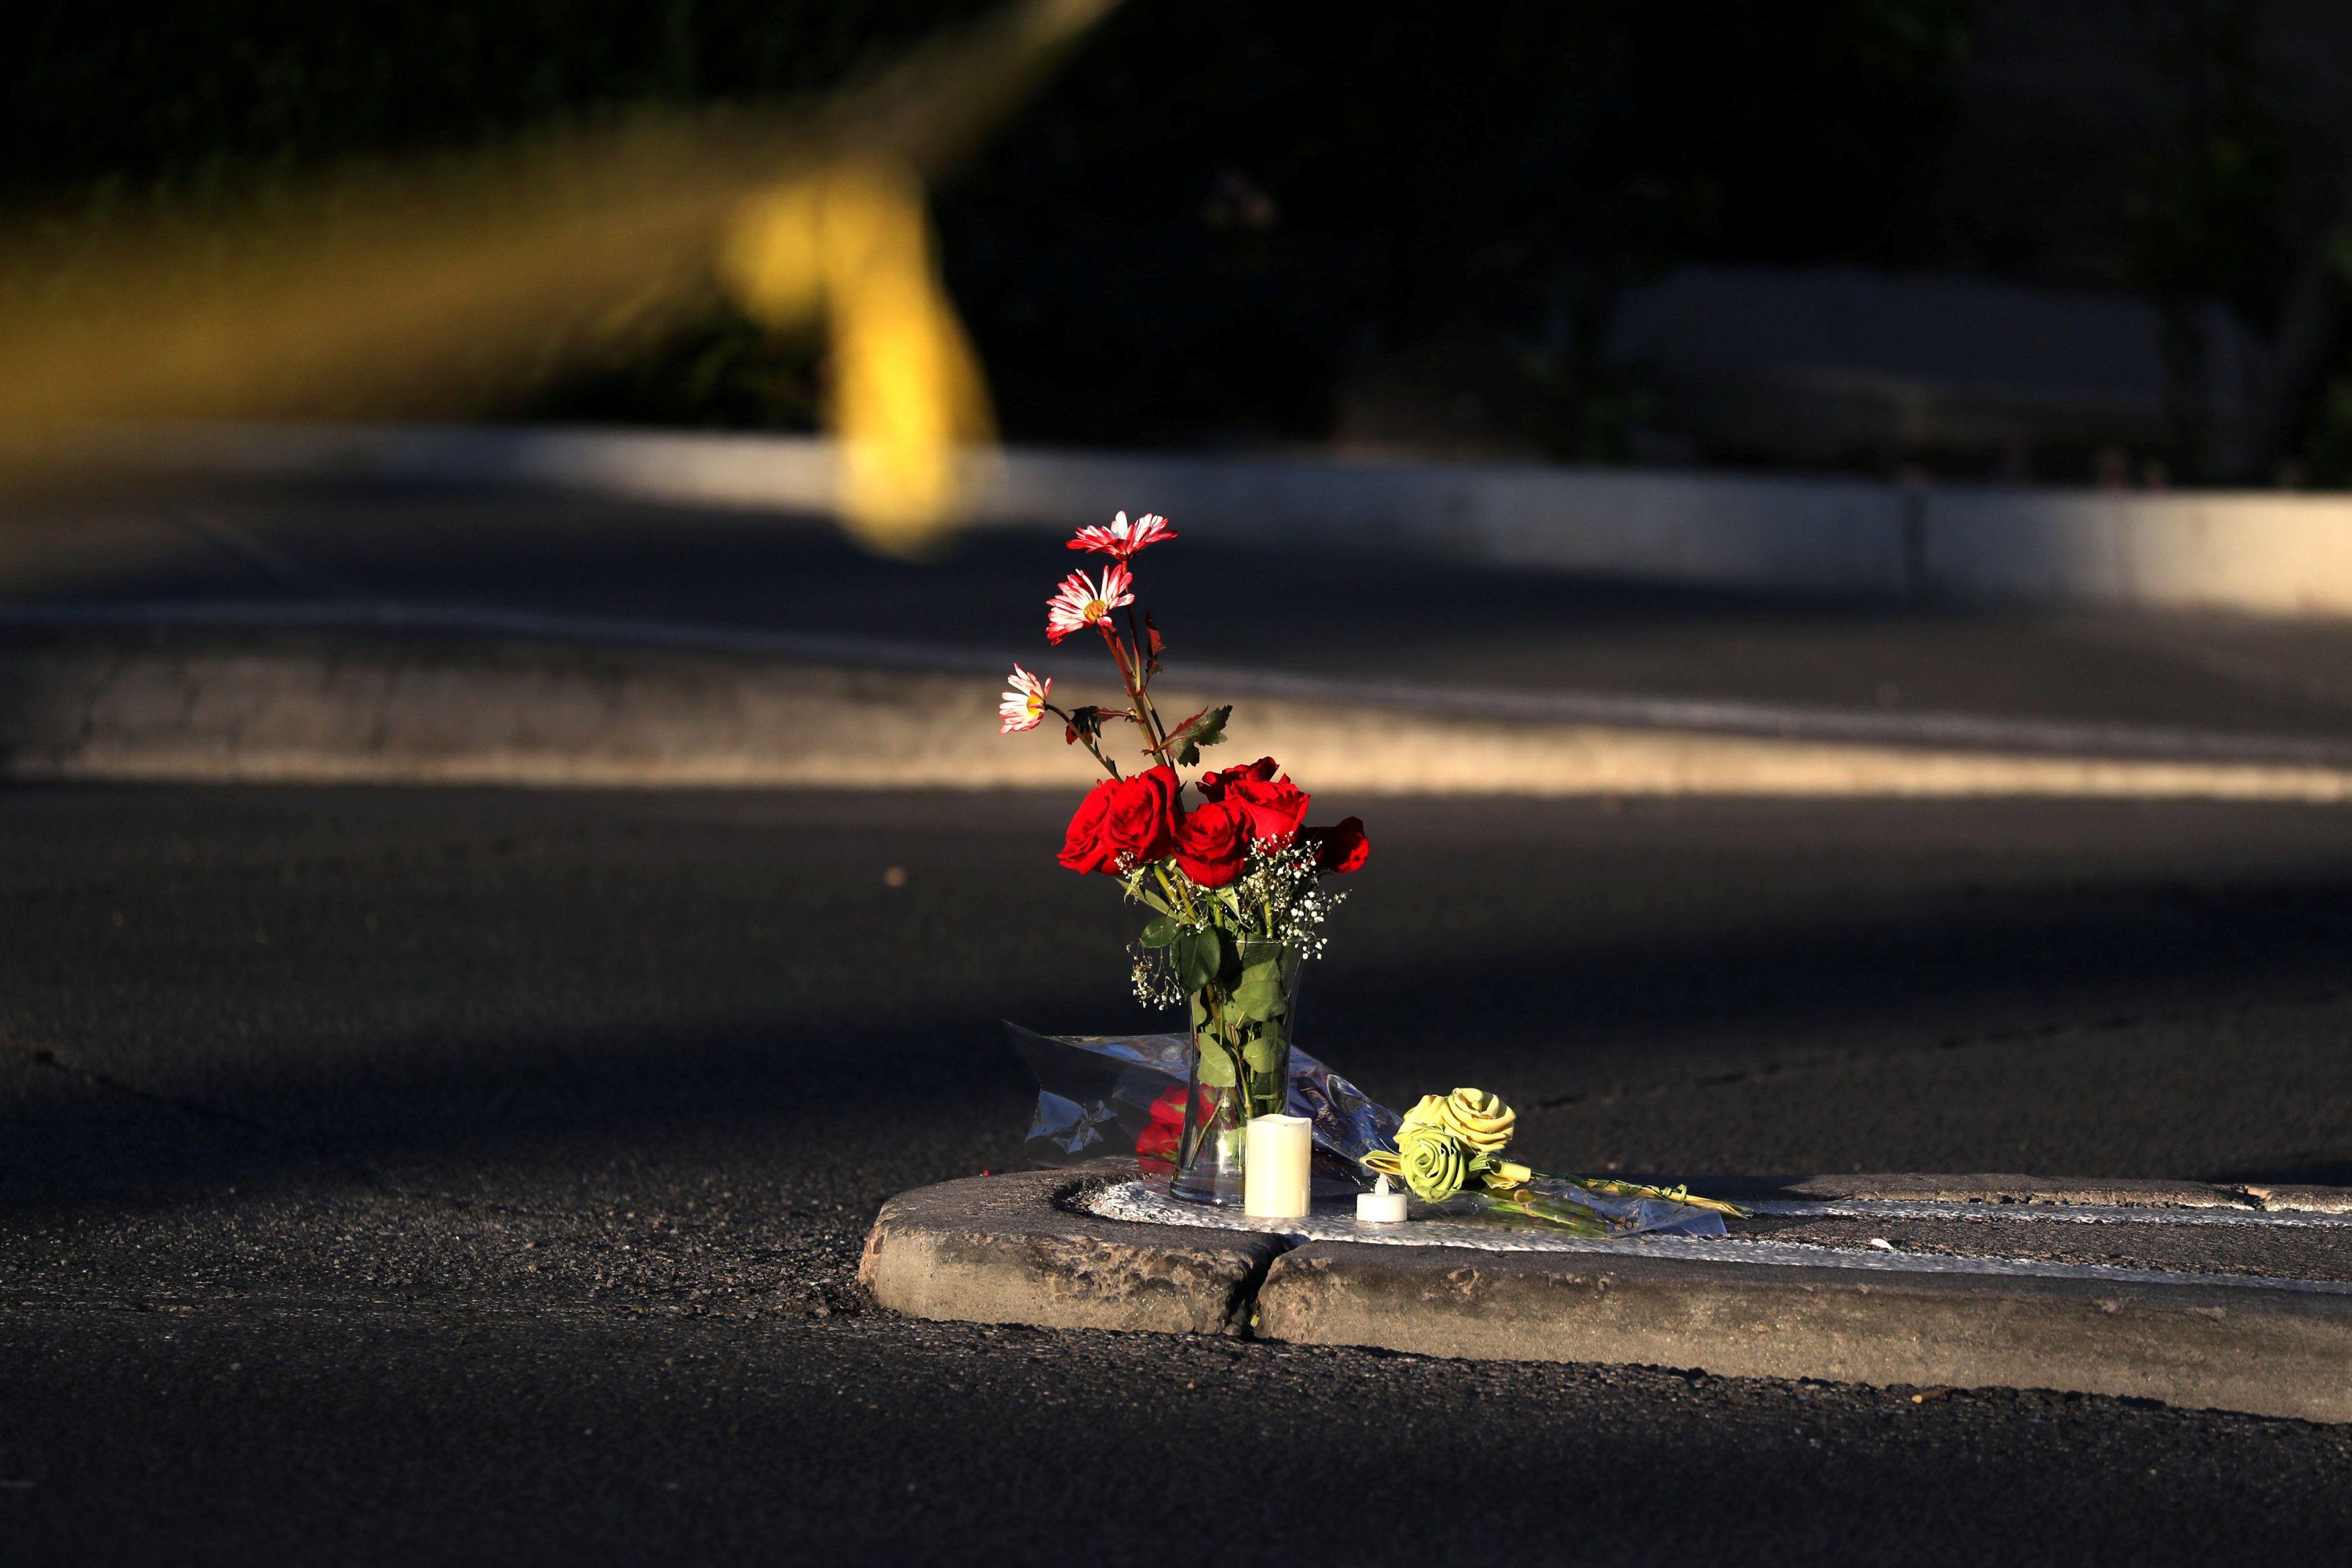 Место массового расстрела за пределами курорта и казино Mandalay Bay в Лас-Вегасе.